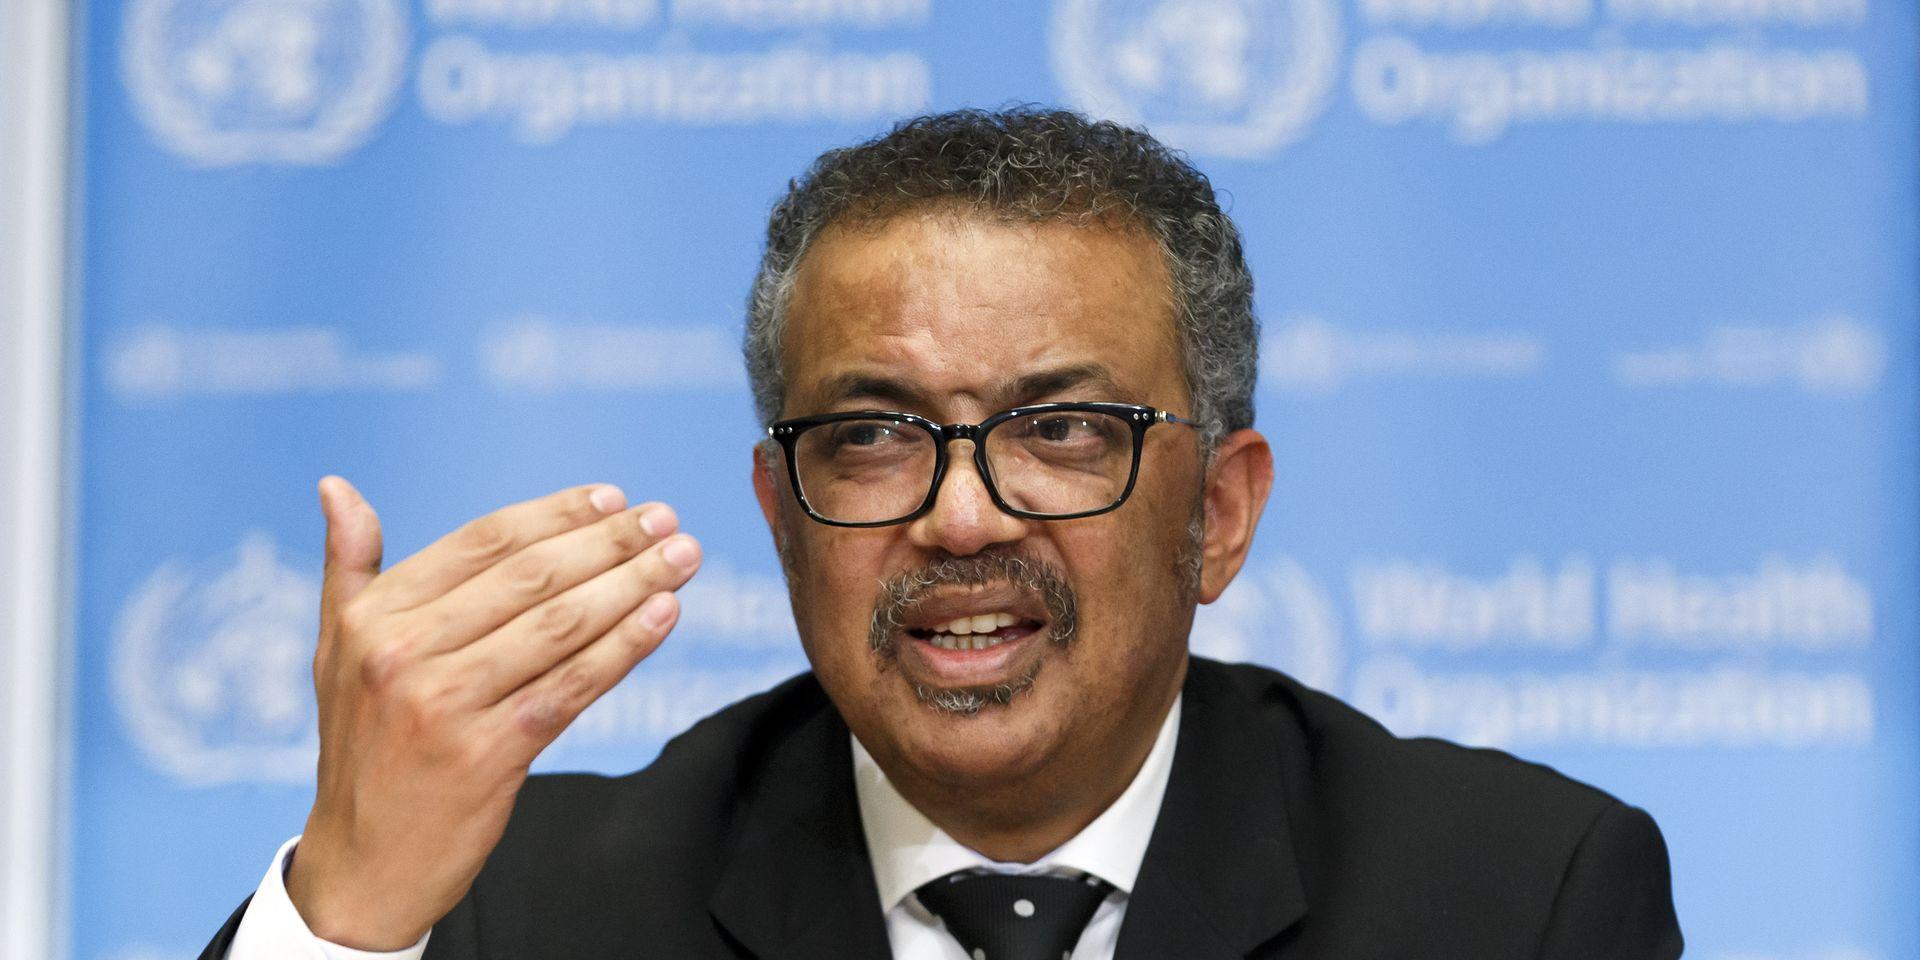 Déconfinement : Le monde est entré dans une « phase dangereuse » prévient l'OMS